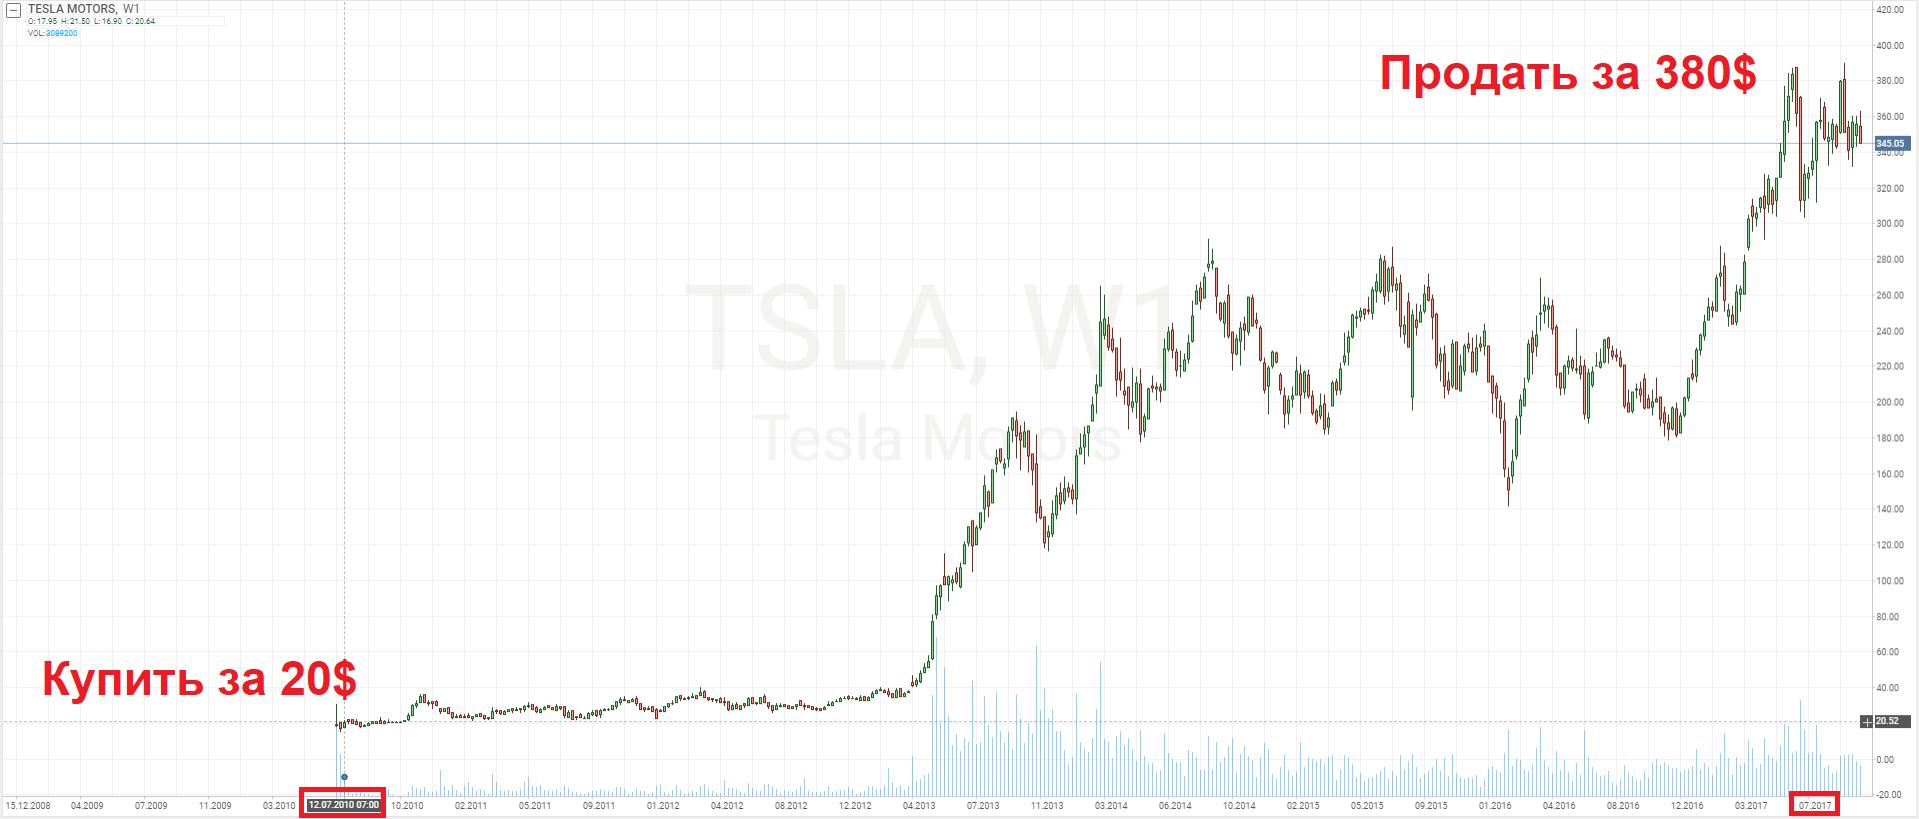 Инвестиции в акции Тесла Моторс